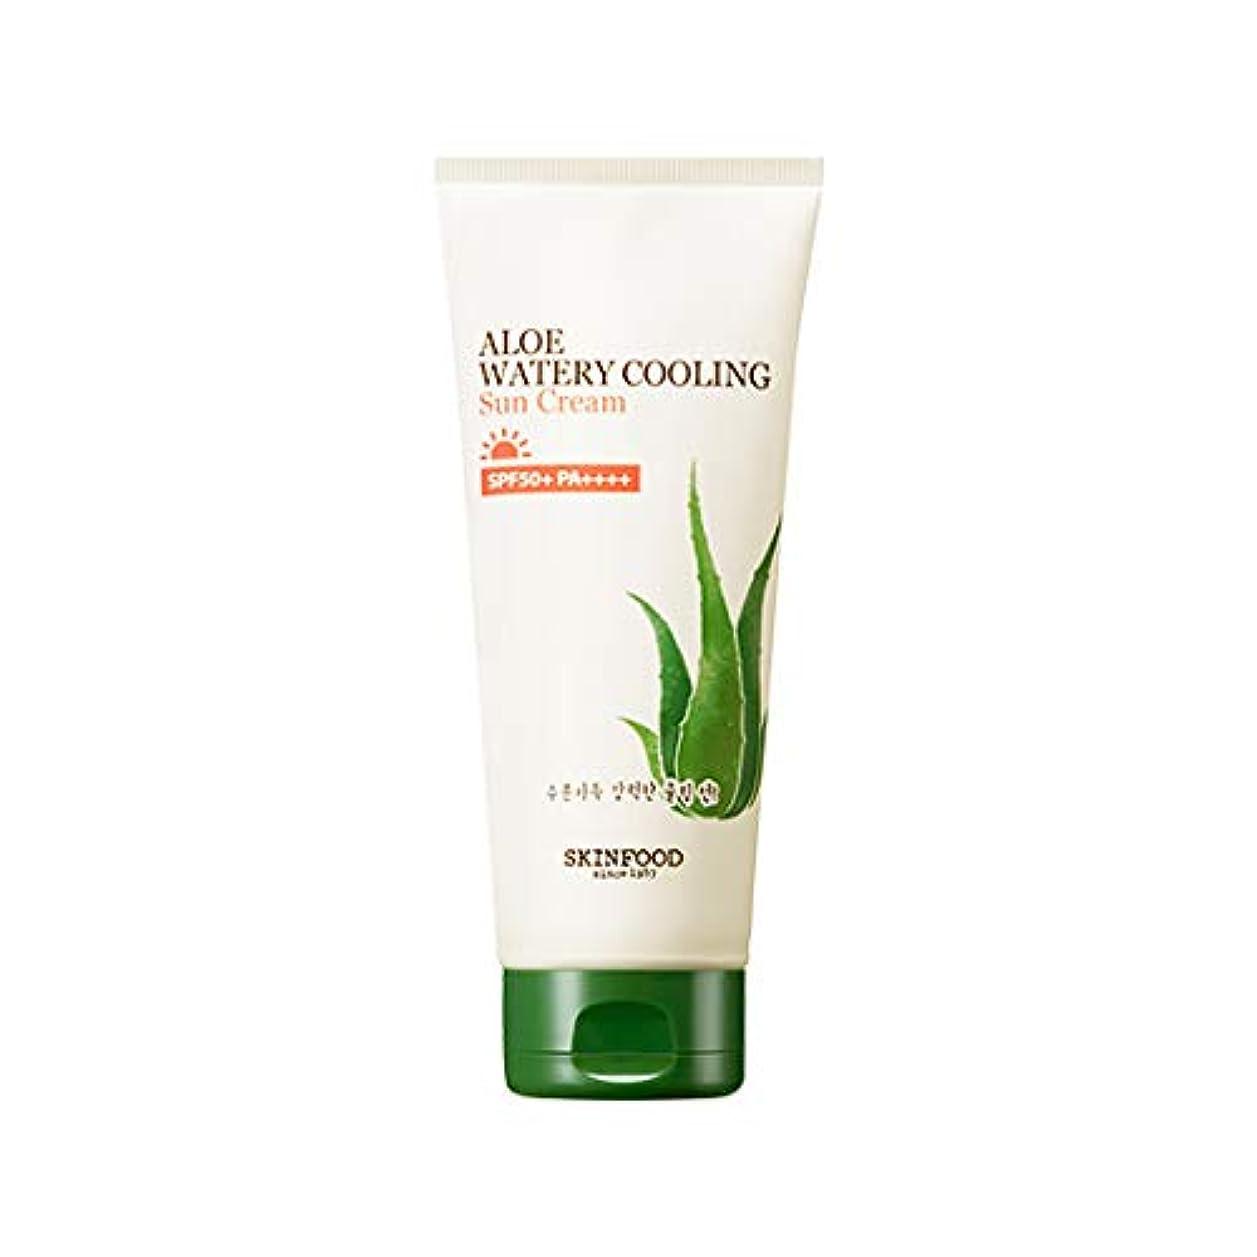 非公式うめき声ピックSkinfood アロエ水冷サンクリーム/Aloe Water Cooling Sun Cream 200g [並行輸入品]